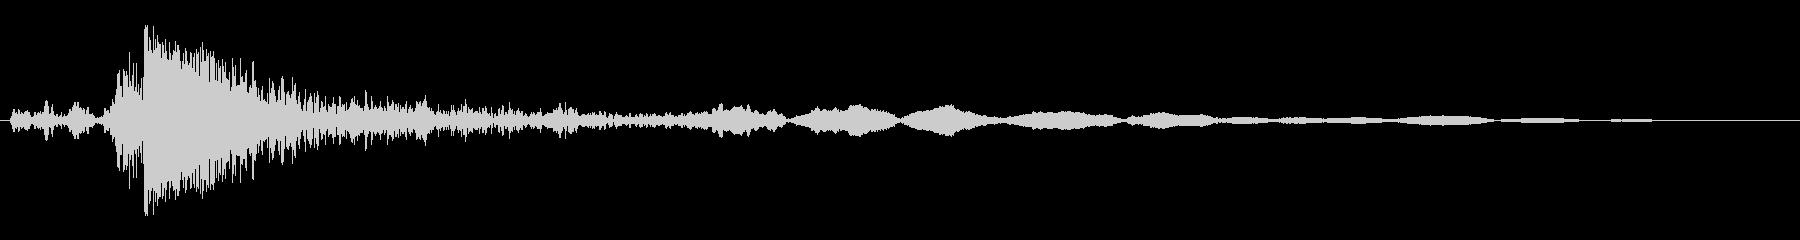 木材が短時間にまとまってぶつかる音の未再生の波形